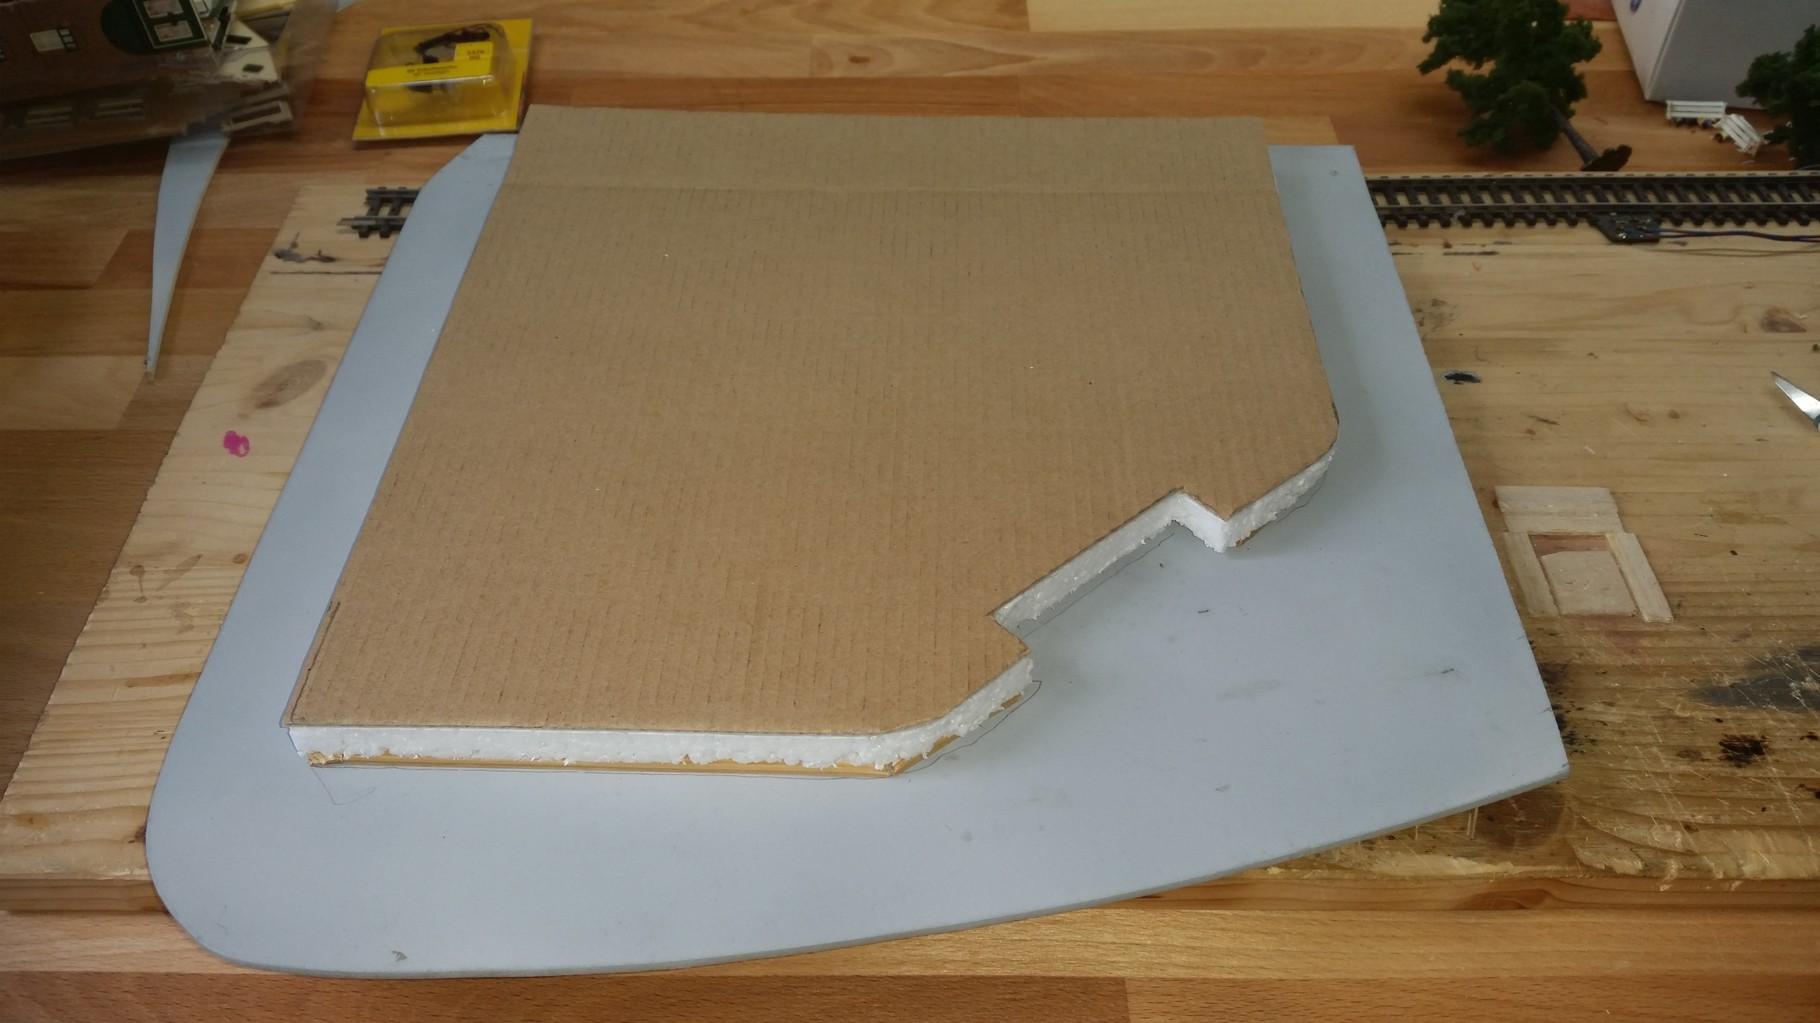 Aller Anfang ist schwer :D Das EKZ sollte leicht erhöht stehen, daher wurde dieses Plateau zunächst aus Styropor und Pappe gebildet.